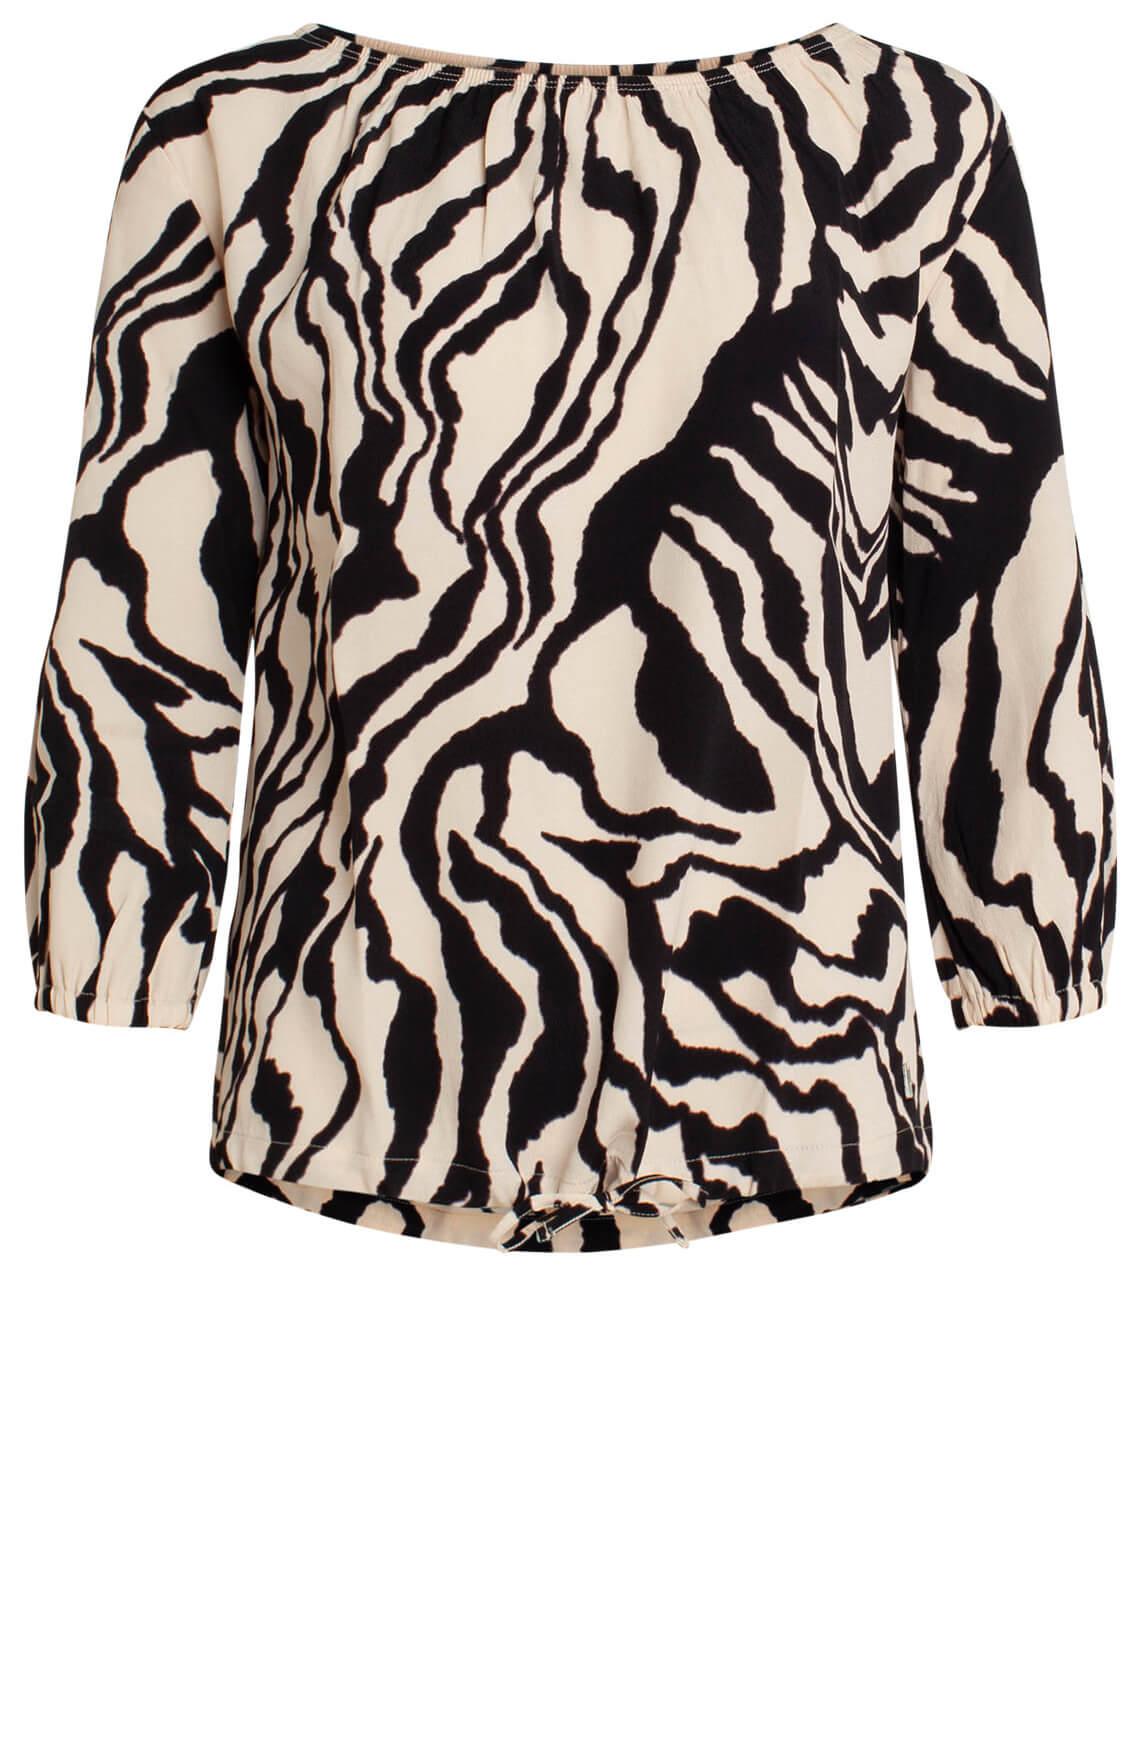 Anna Dames Blouse met zebraprint zwart